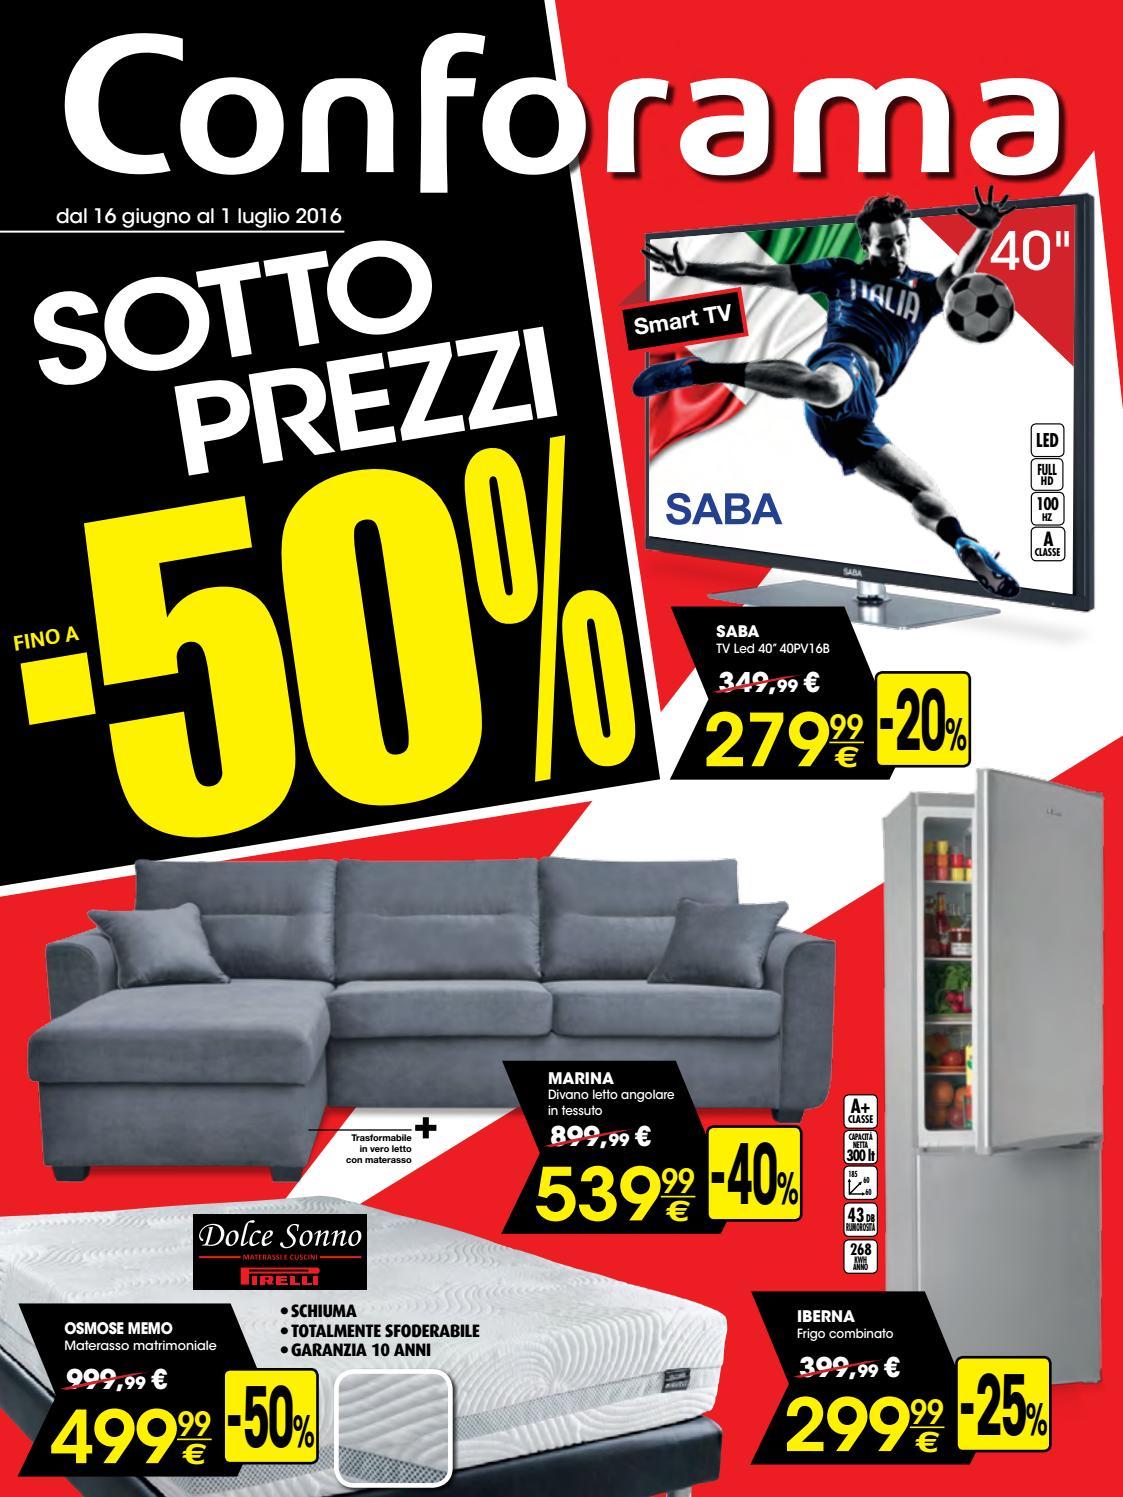 Conforama Sotto Prezzi Fino A 50 By Mobilpro Issuu